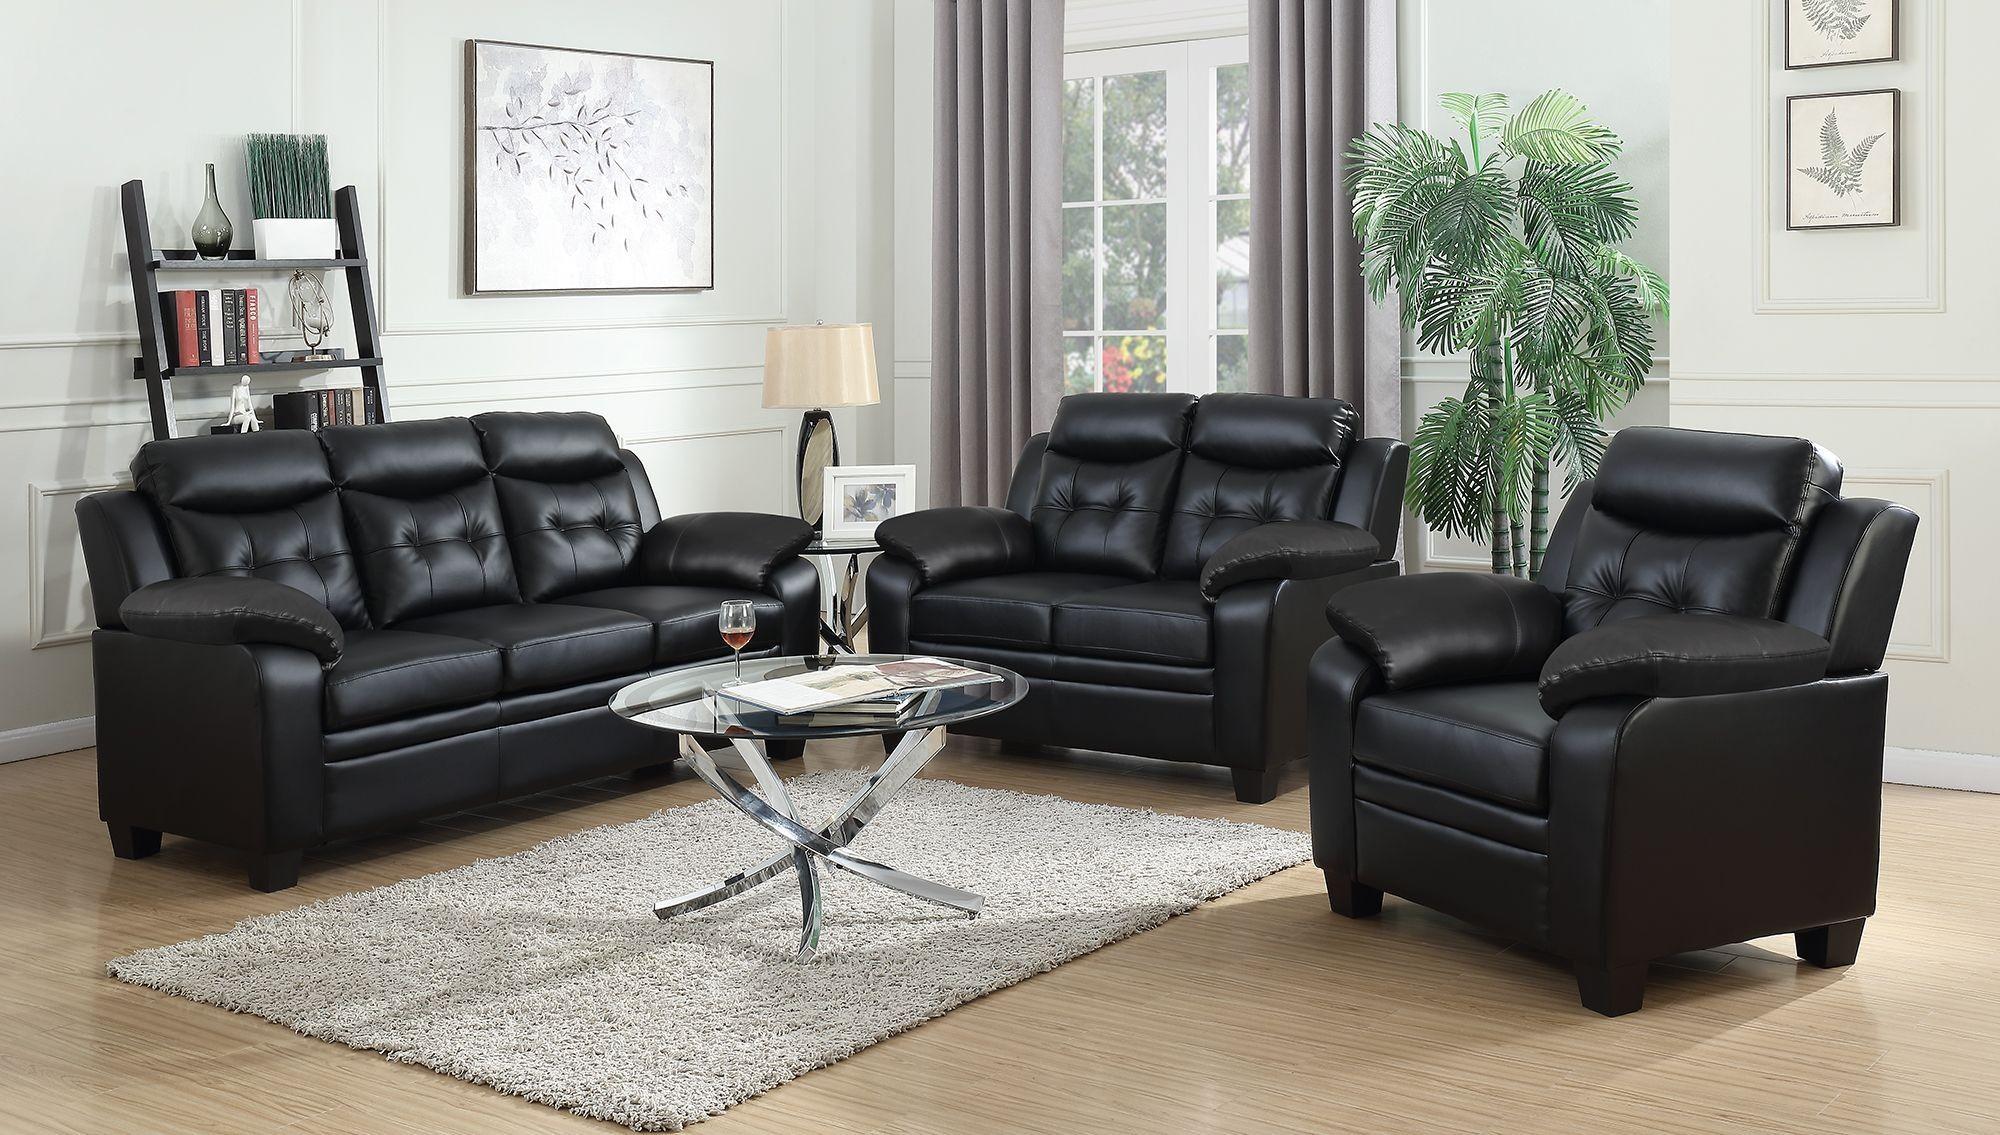 finley black living room set from coaster coleman furniture. Black Bedroom Furniture Sets. Home Design Ideas